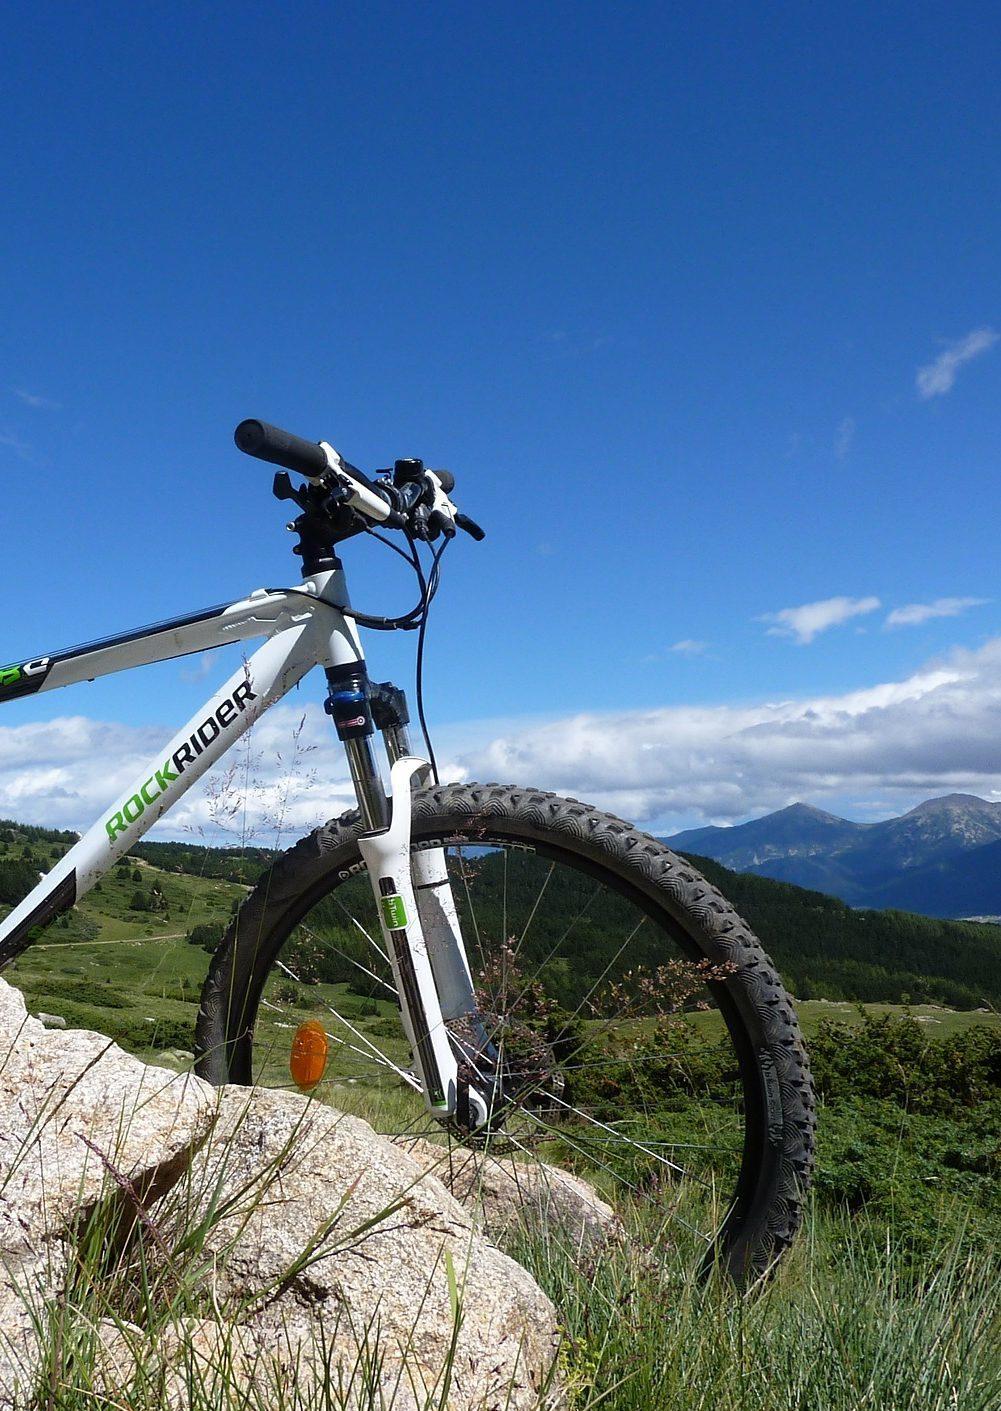 Rando vélo cyclo enduro - luchon pyrénées 31 - 208 Pics d'Aran - Location gite luchon - appartement de vacances montagne luchon